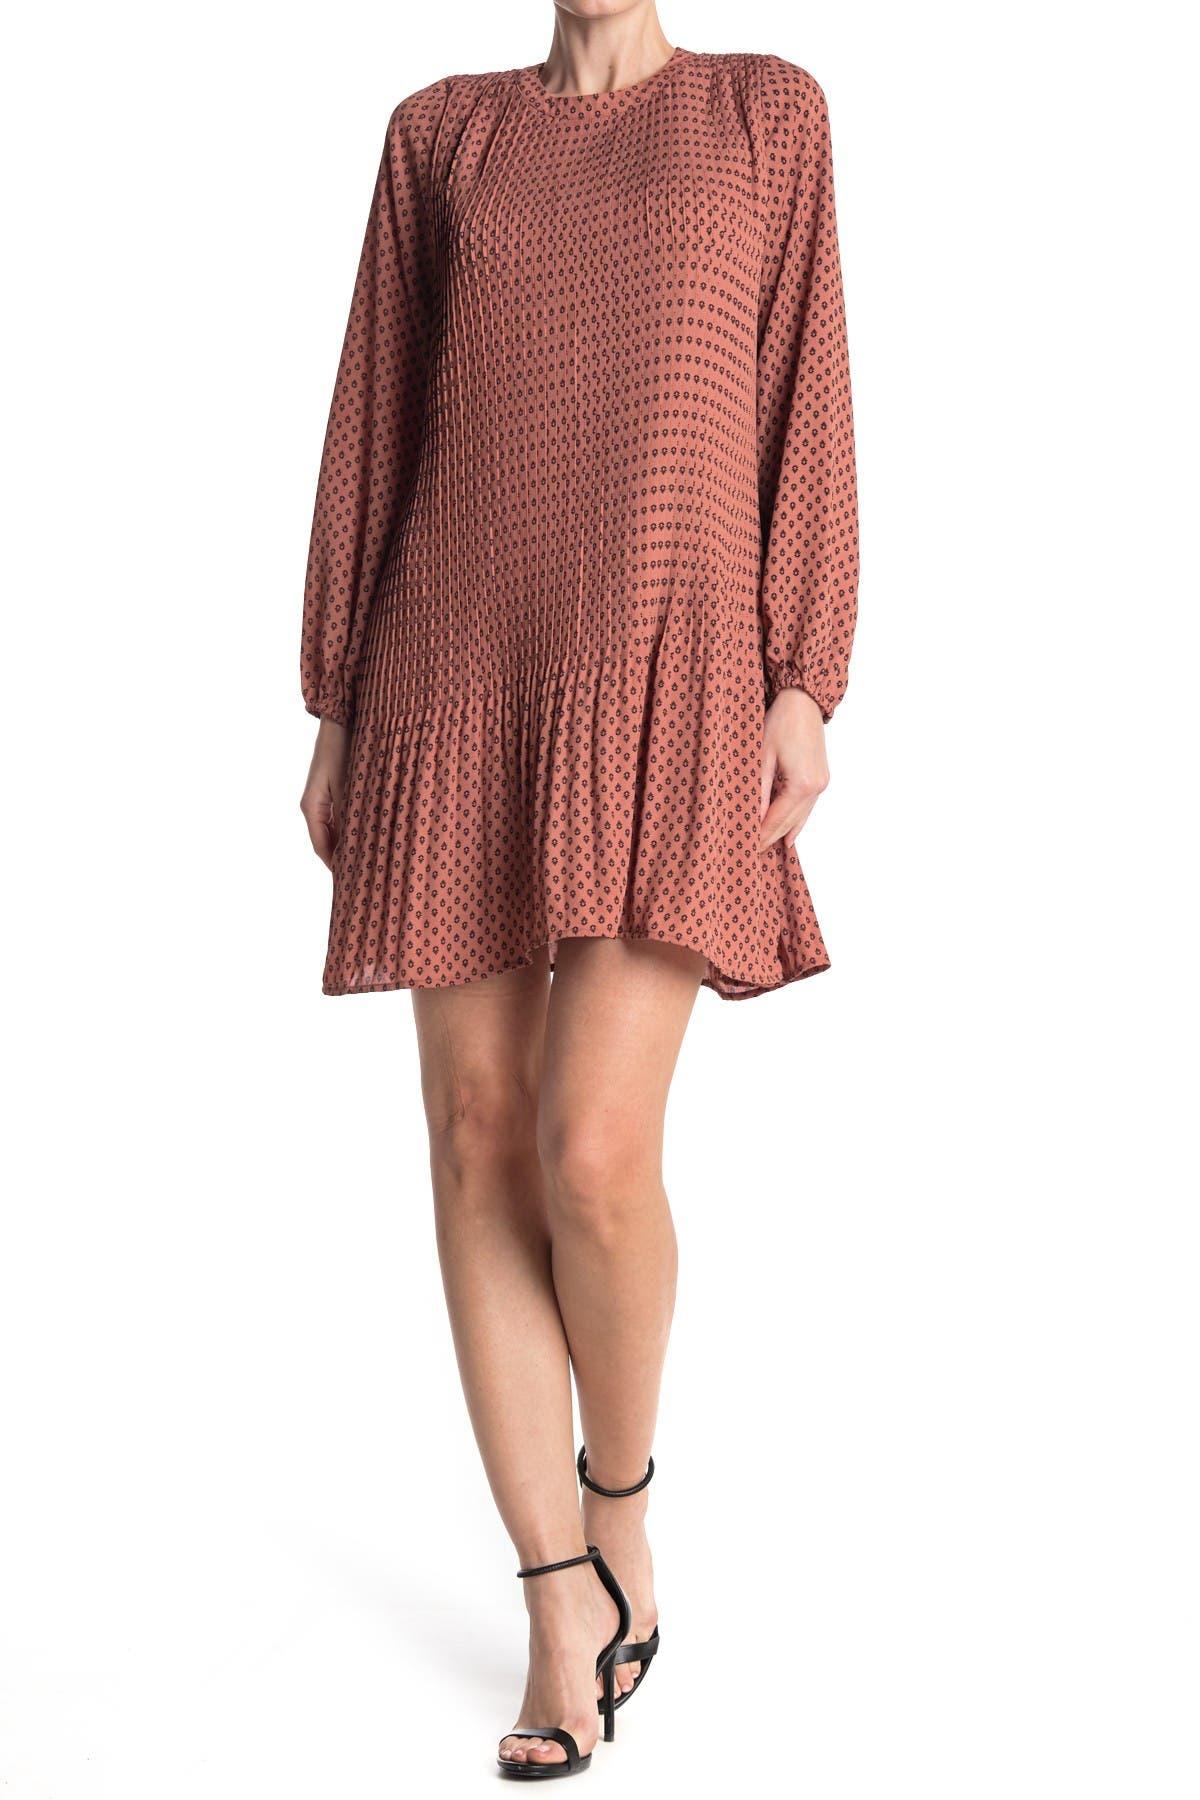 Image of KENEDIK Pleated Printed Dress